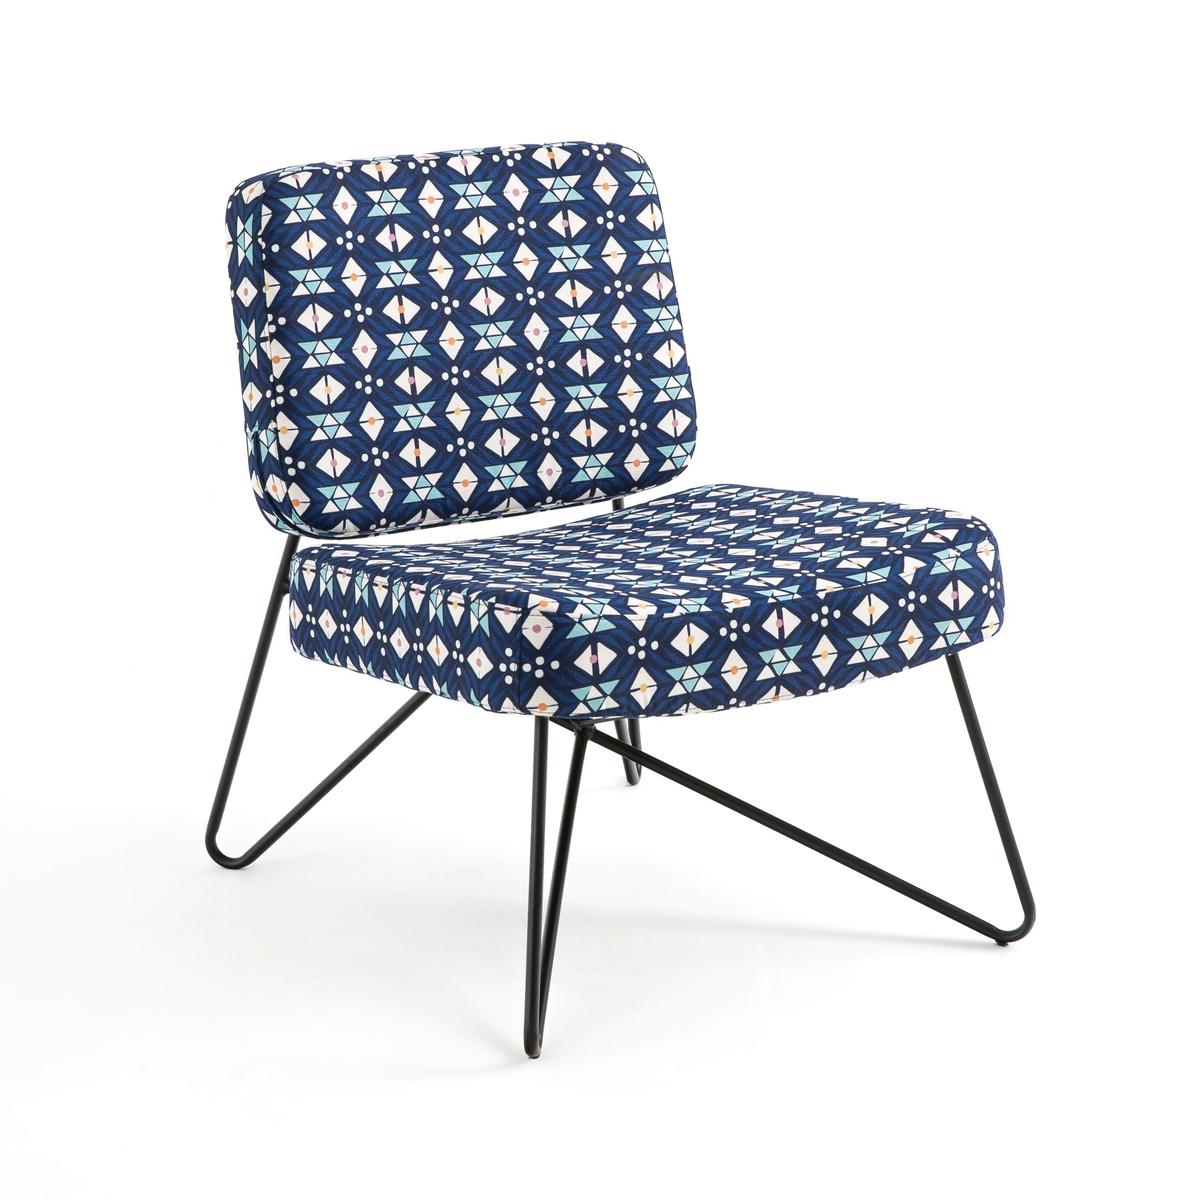 Кресло La Redoute Винтажное с принтом Watford единый размер другие west ham watford